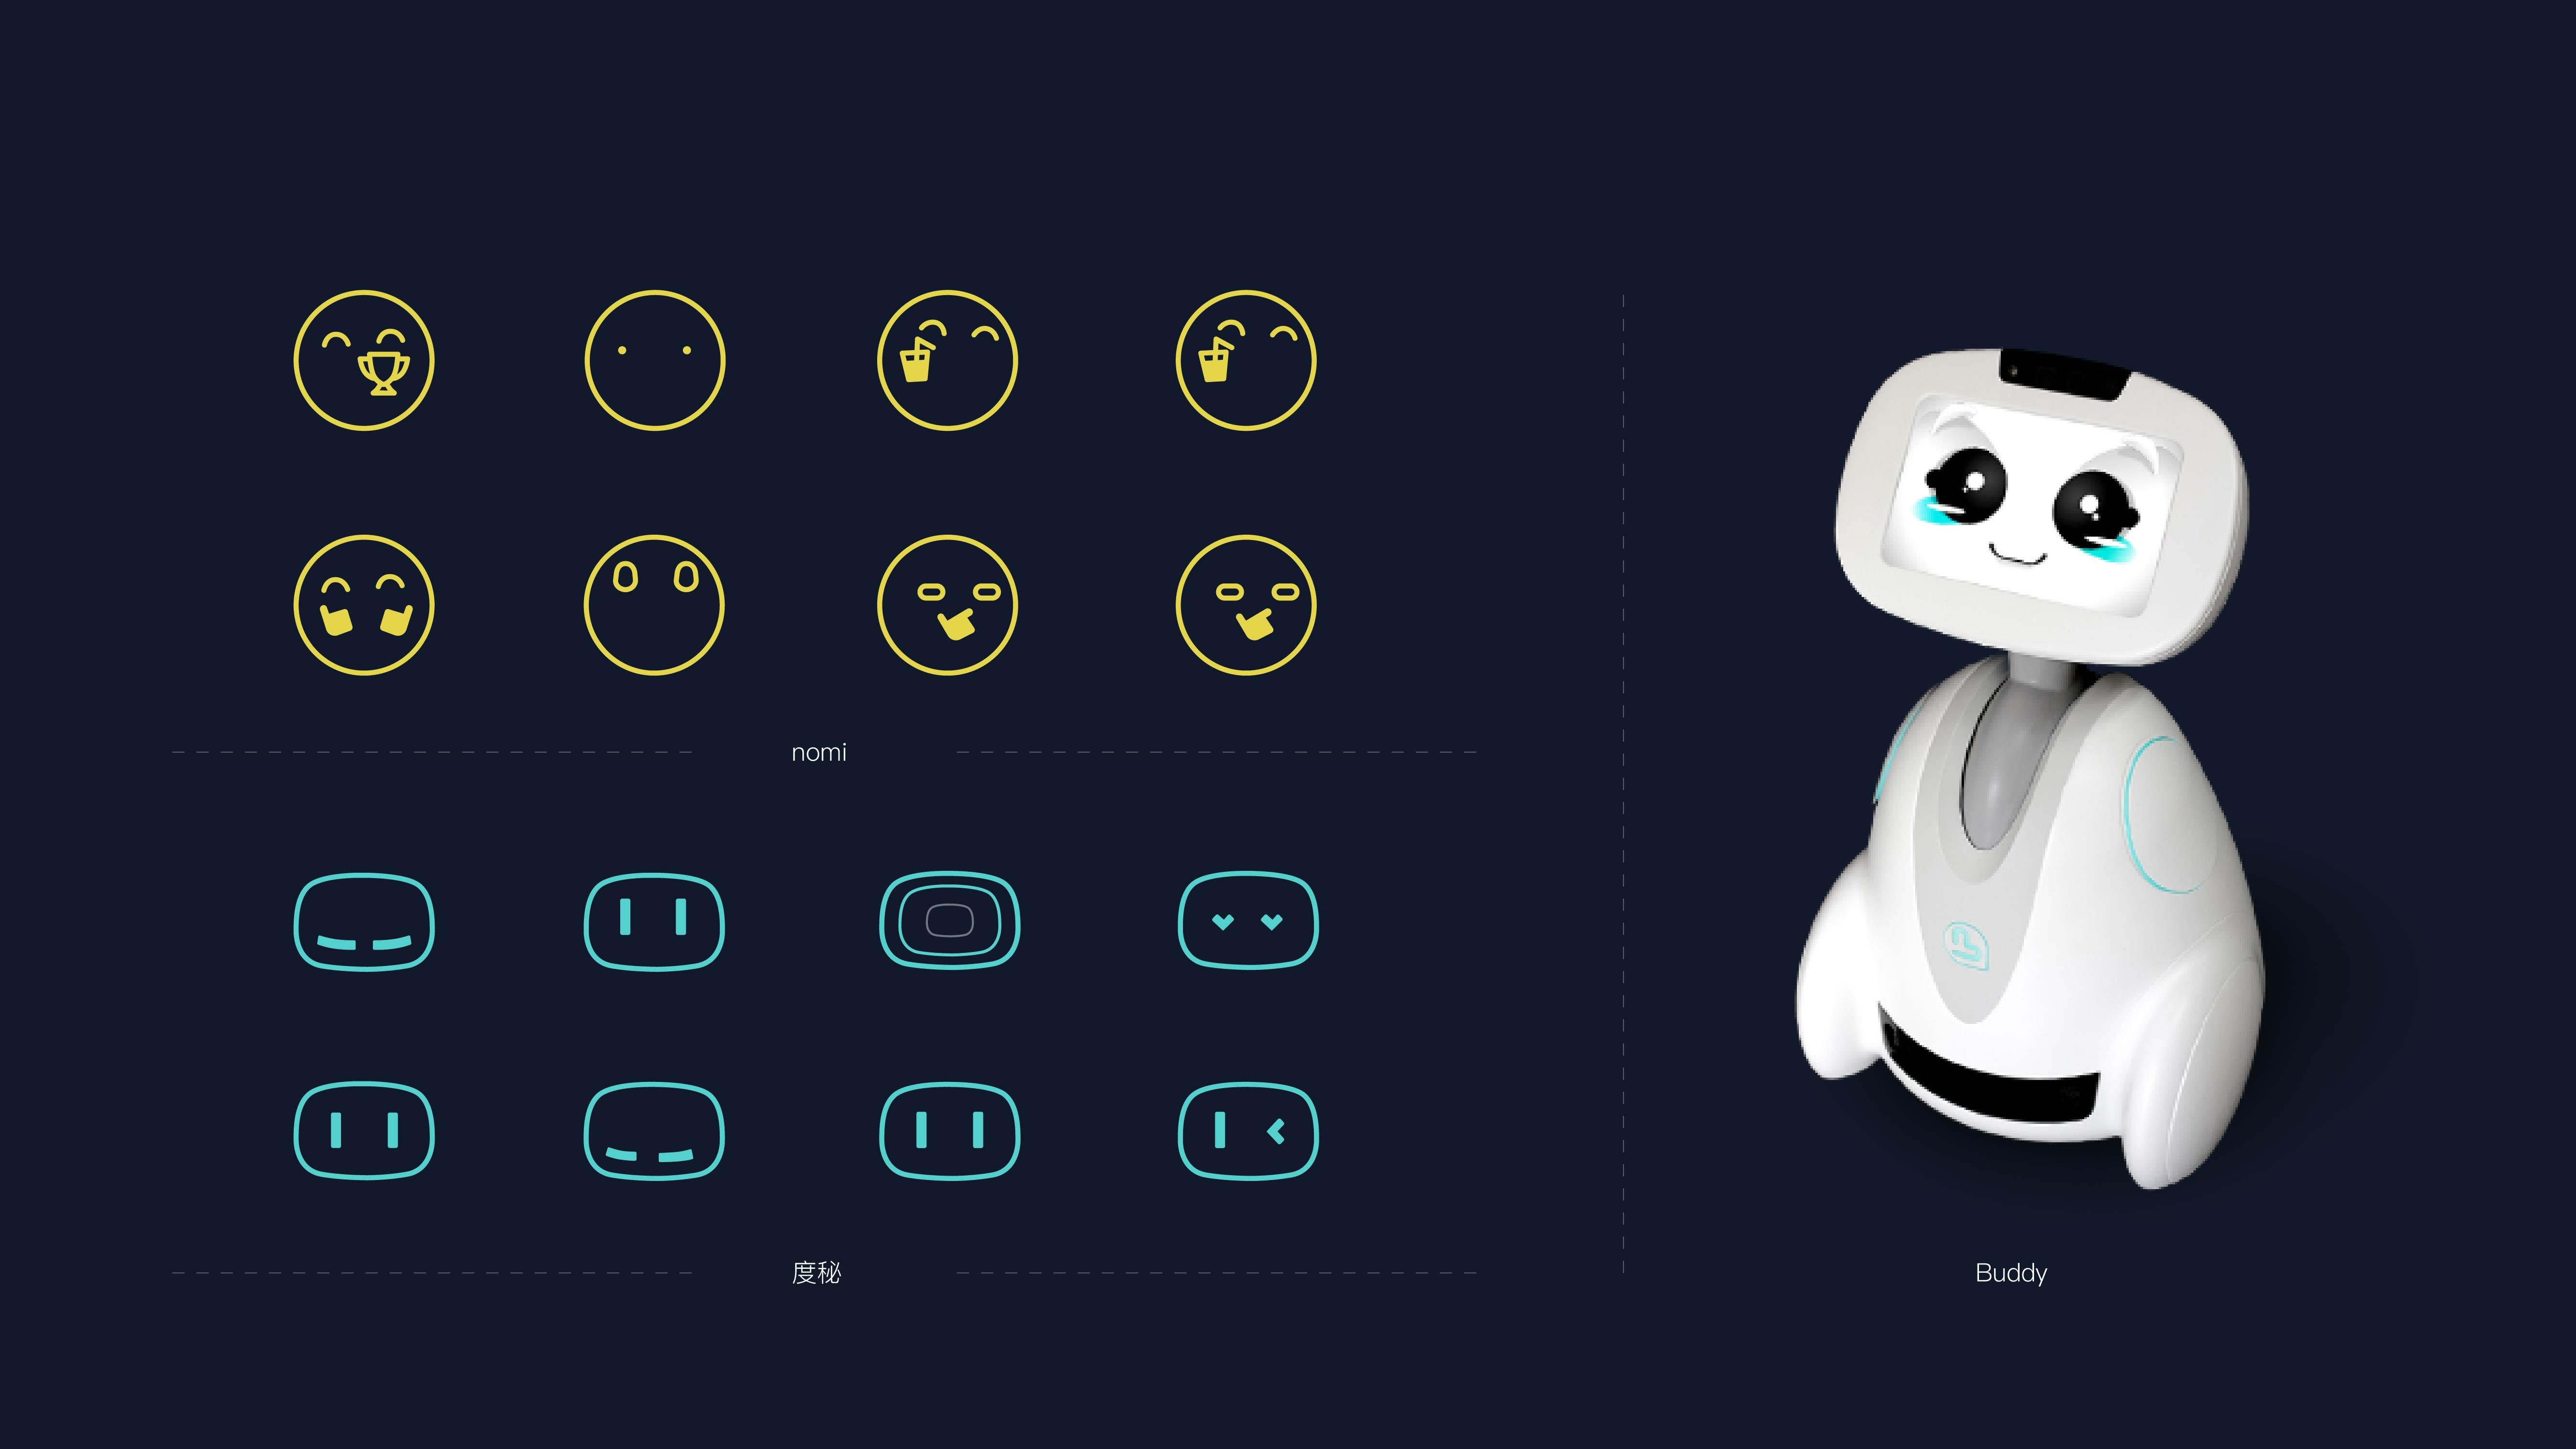 以语音交互为核心功能的智能产品皇冠新2网建议